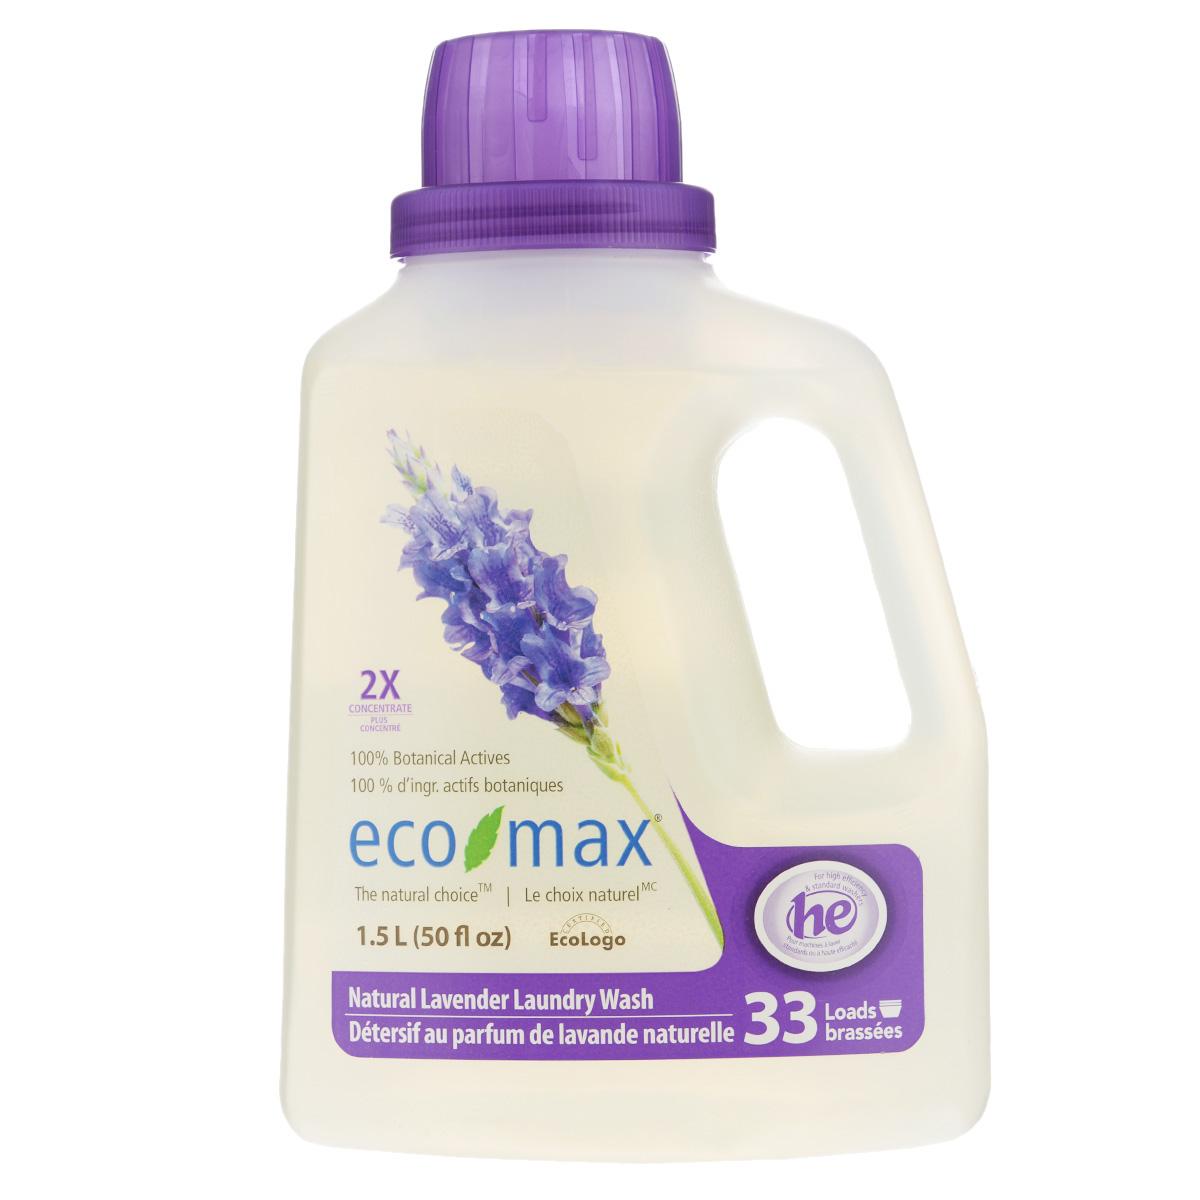 Жидкое средство для стирки Eco Max Лаванда, концентрированное, 1,5 лEmax-C129Жидкое средство для стирки Eco Max Лаванда - полностью натуральное, на растительной основе средство для стирки с успокаивающим ароматом лаванды. Благодаря низкому пенообразованию и отсутствию осадка безопасно для использования в стиральной машине. Нетоксично, без осадка, безопасно для детской одежды. В этом средстве используются активные чистящие вещества ингредиентов, полученных из биоразлагаемых и возобновляемых растительных источников. Экономично: одного флакона хватает на 50 стирок. Подходит для ручной и машинной стирки, для всех типов ткани. Состав: вода, растительные алкилполигликозиды (из кокосового масла и кукурузного сиропа), пищевая лимонная кислота, пищевой цитрат натрия, пищевой загуститель на основе целлюлозы и пищевой сорбат калия в качестве консерванта, натуральное эфирное масло лаванды. Товар сертифицирован.